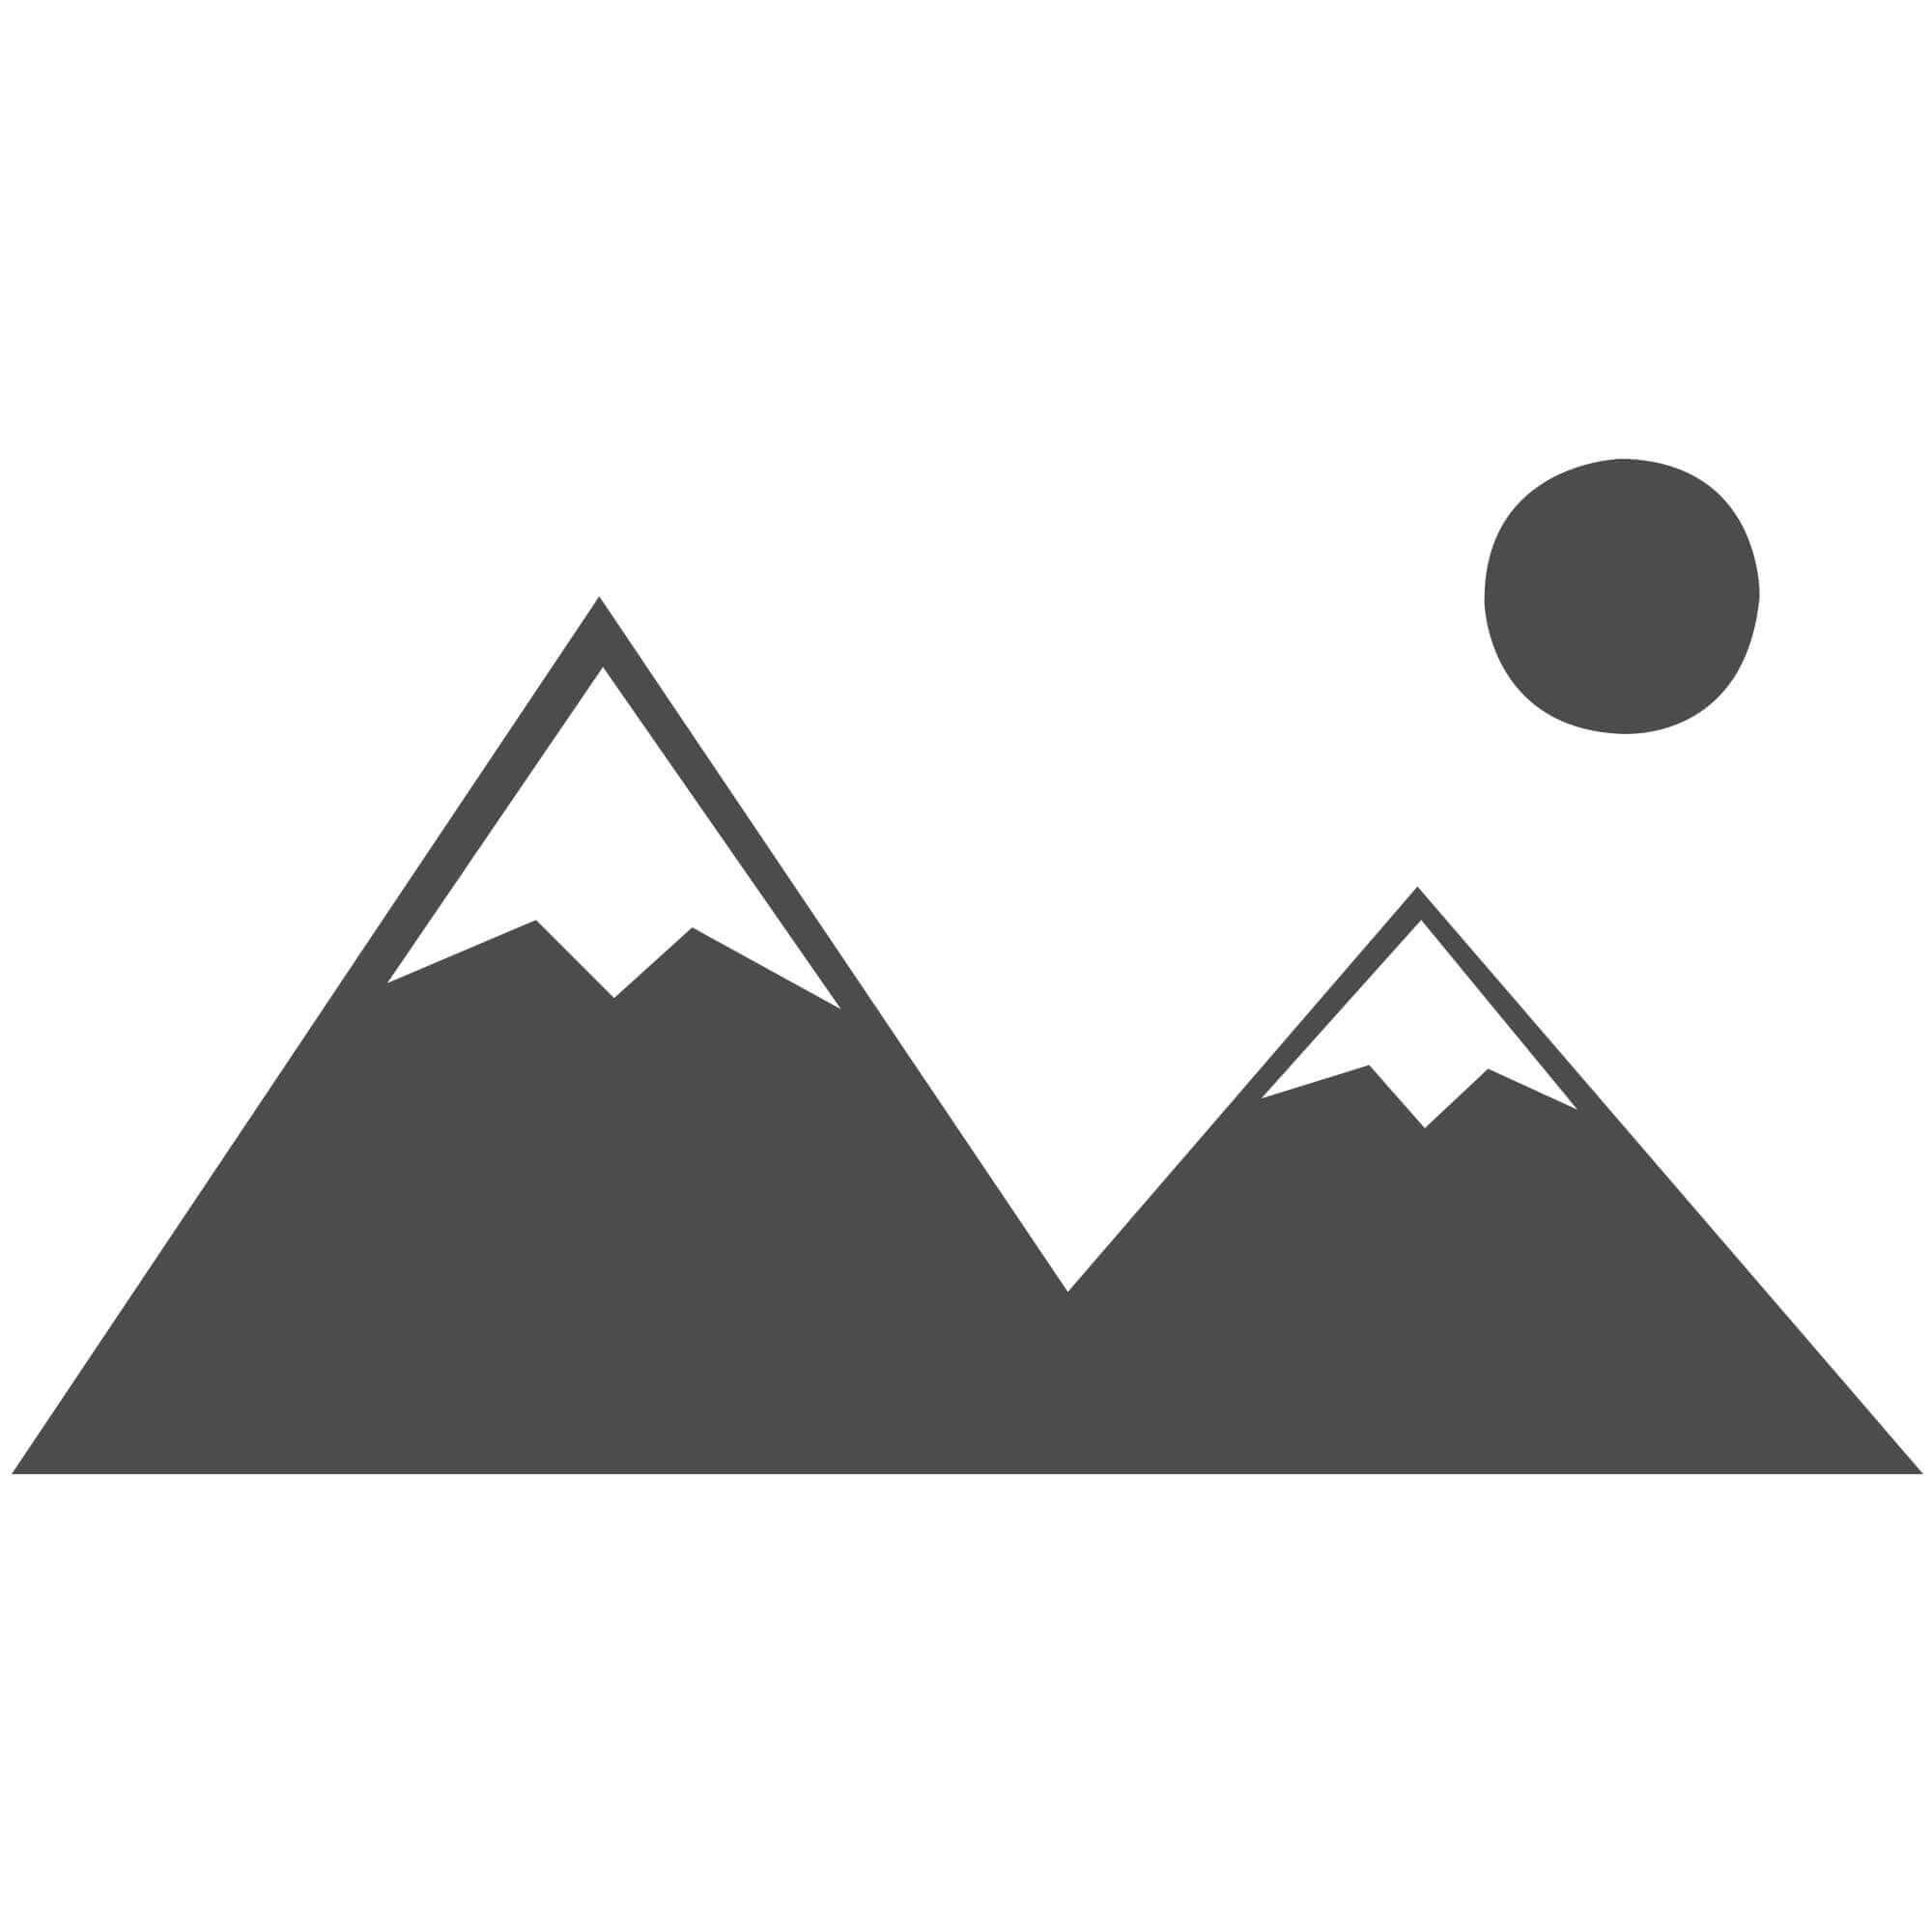 New Vintage Azur 8015 Rug by Louis de Poortere-60 x 90 cm (2' x 3')